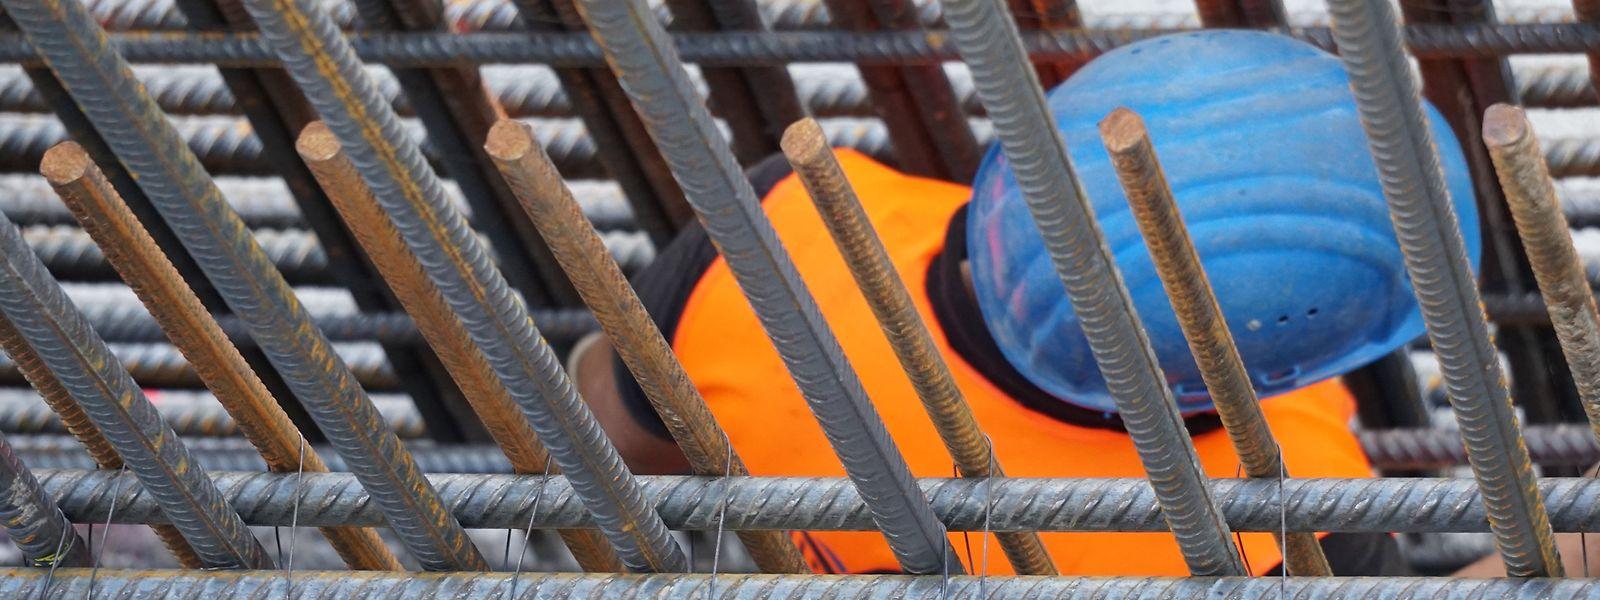 Das Baugewerbe gehört zu den Wirtschaftszweigen, in denen es die meisten Fälle gibt, in denen Personen einer beruflichen Tätigkeit nachgehen ohne über eine Arbeitsgenehmigung zu verfügen.